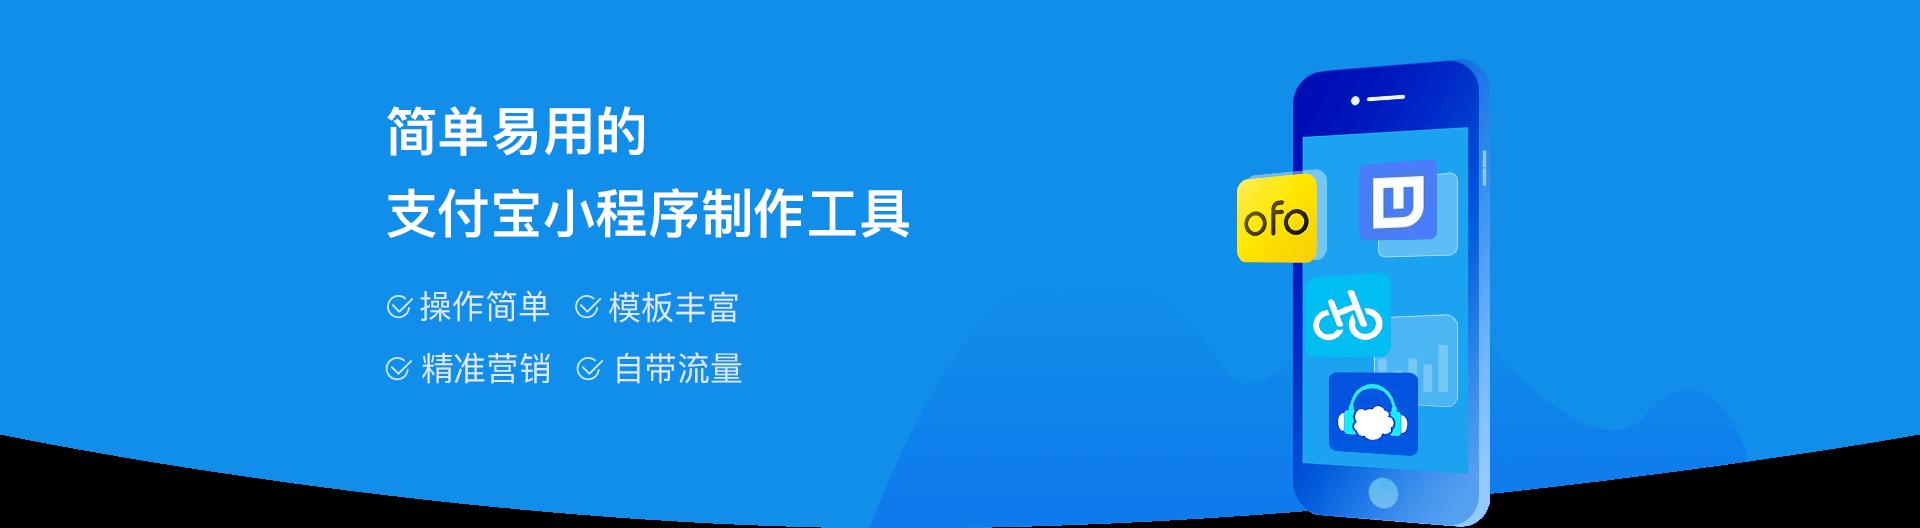 漳州亿站通